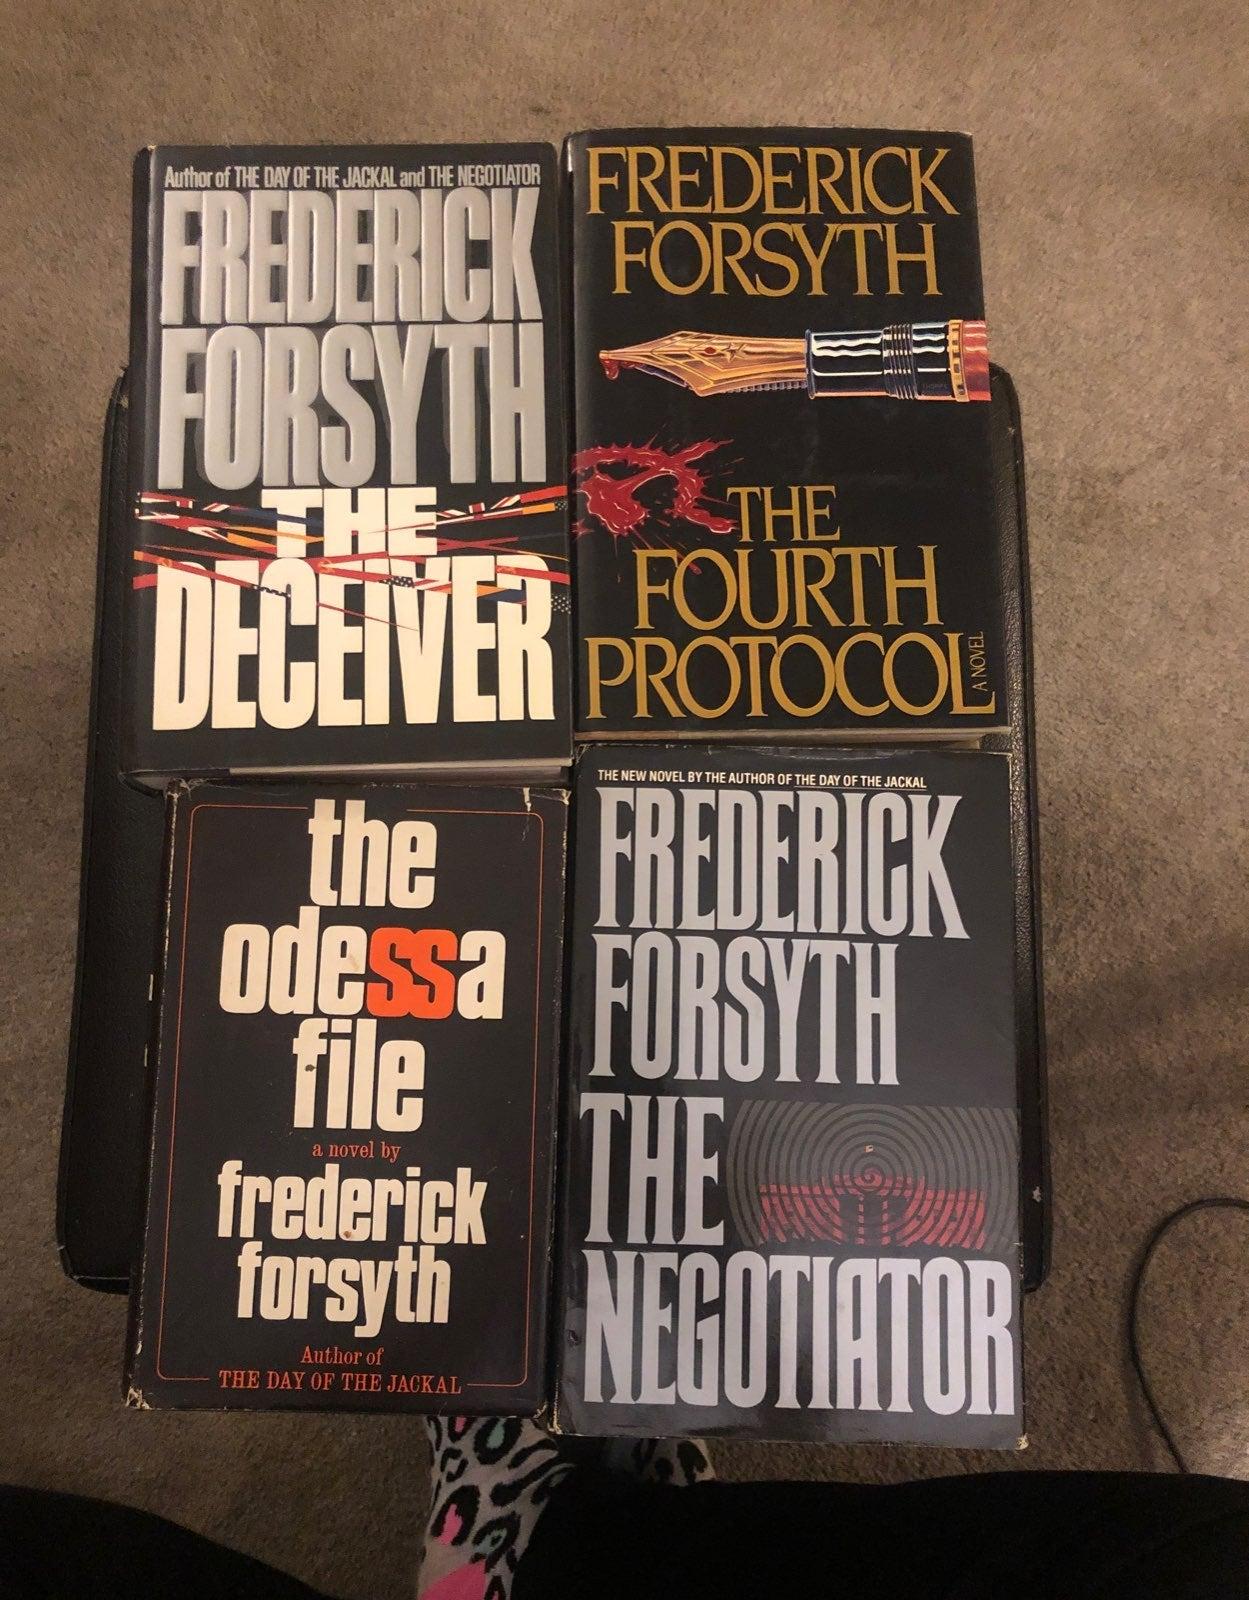 Frederick Forsyth hardcover books